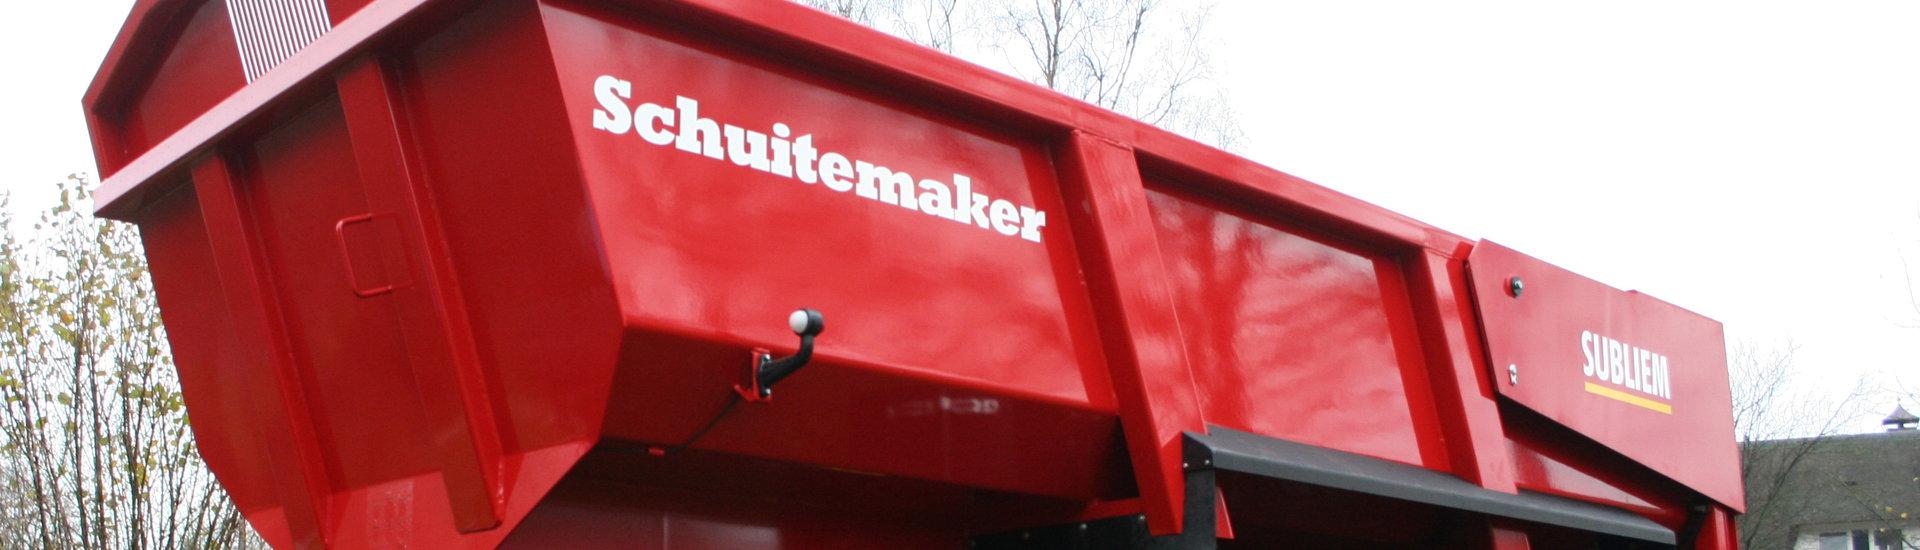 Schuitemaker Kipper